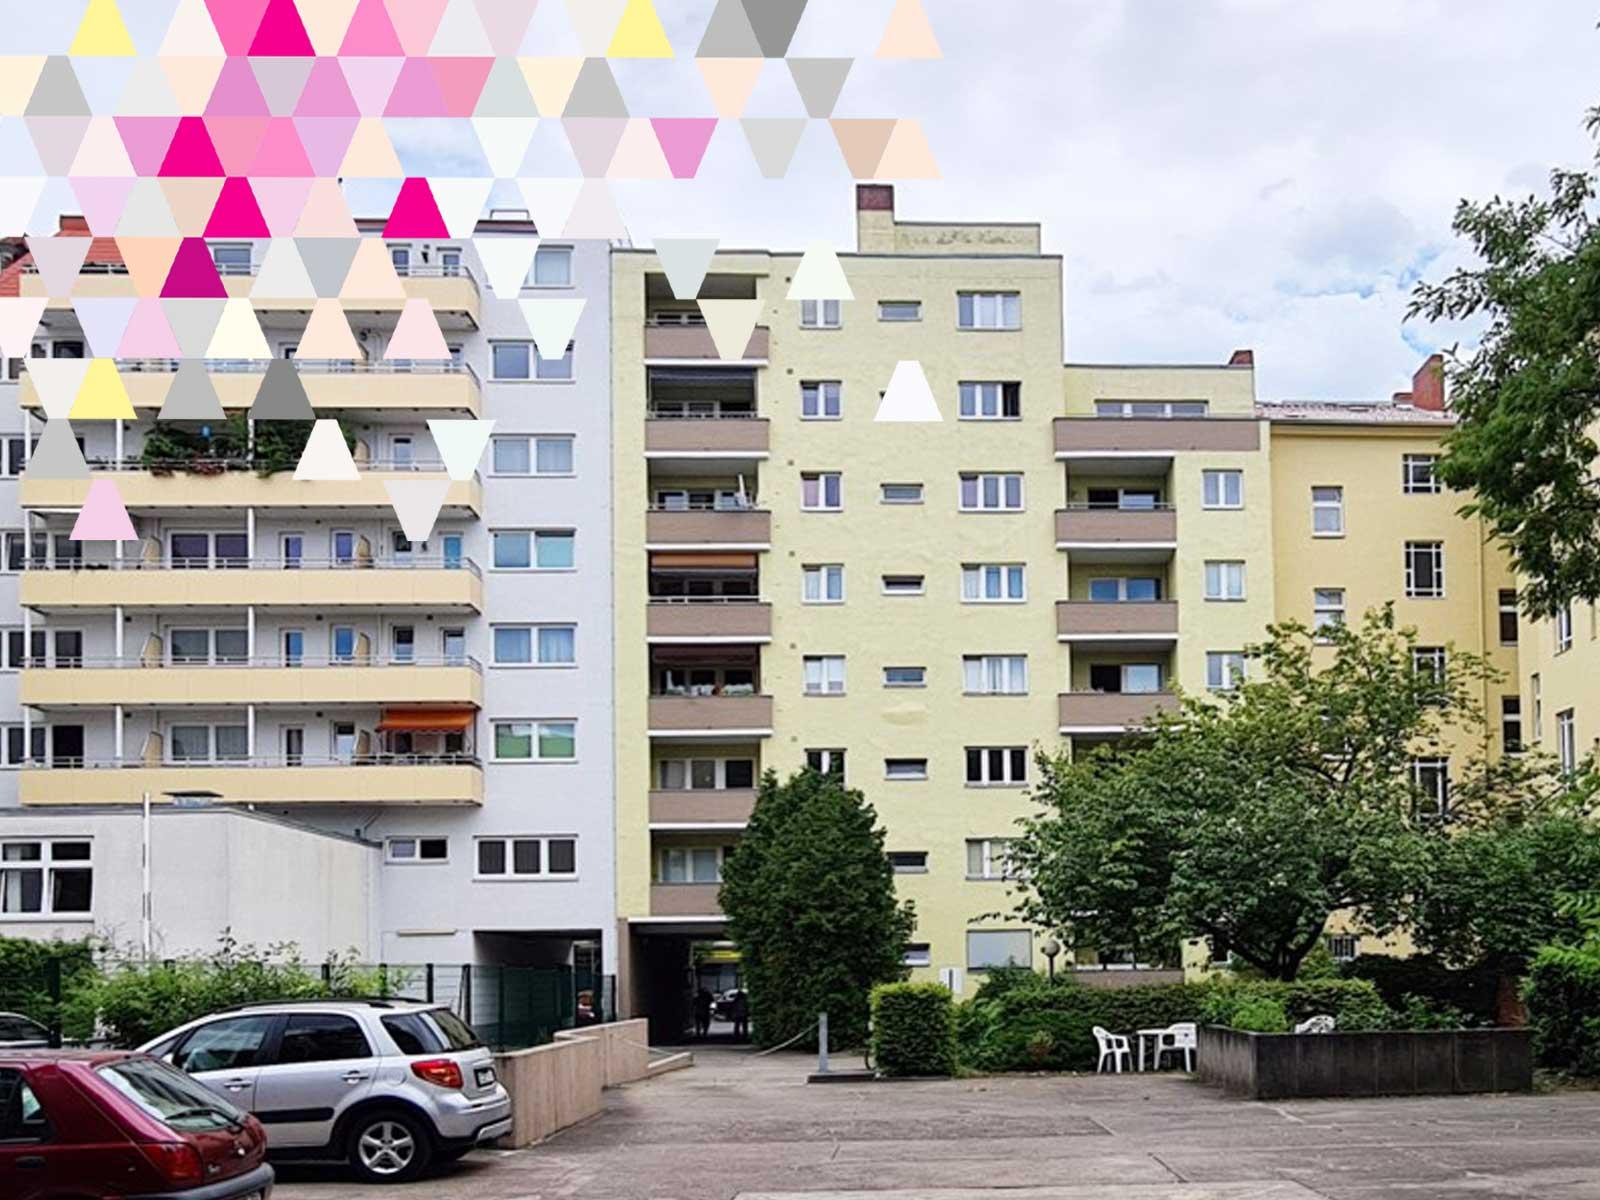 Eigentumswohnung | Verkauft zur Eigennutzung | 1 Zimmer | Westbalkon | ca. 44 m² | Berlin-Tiergarten